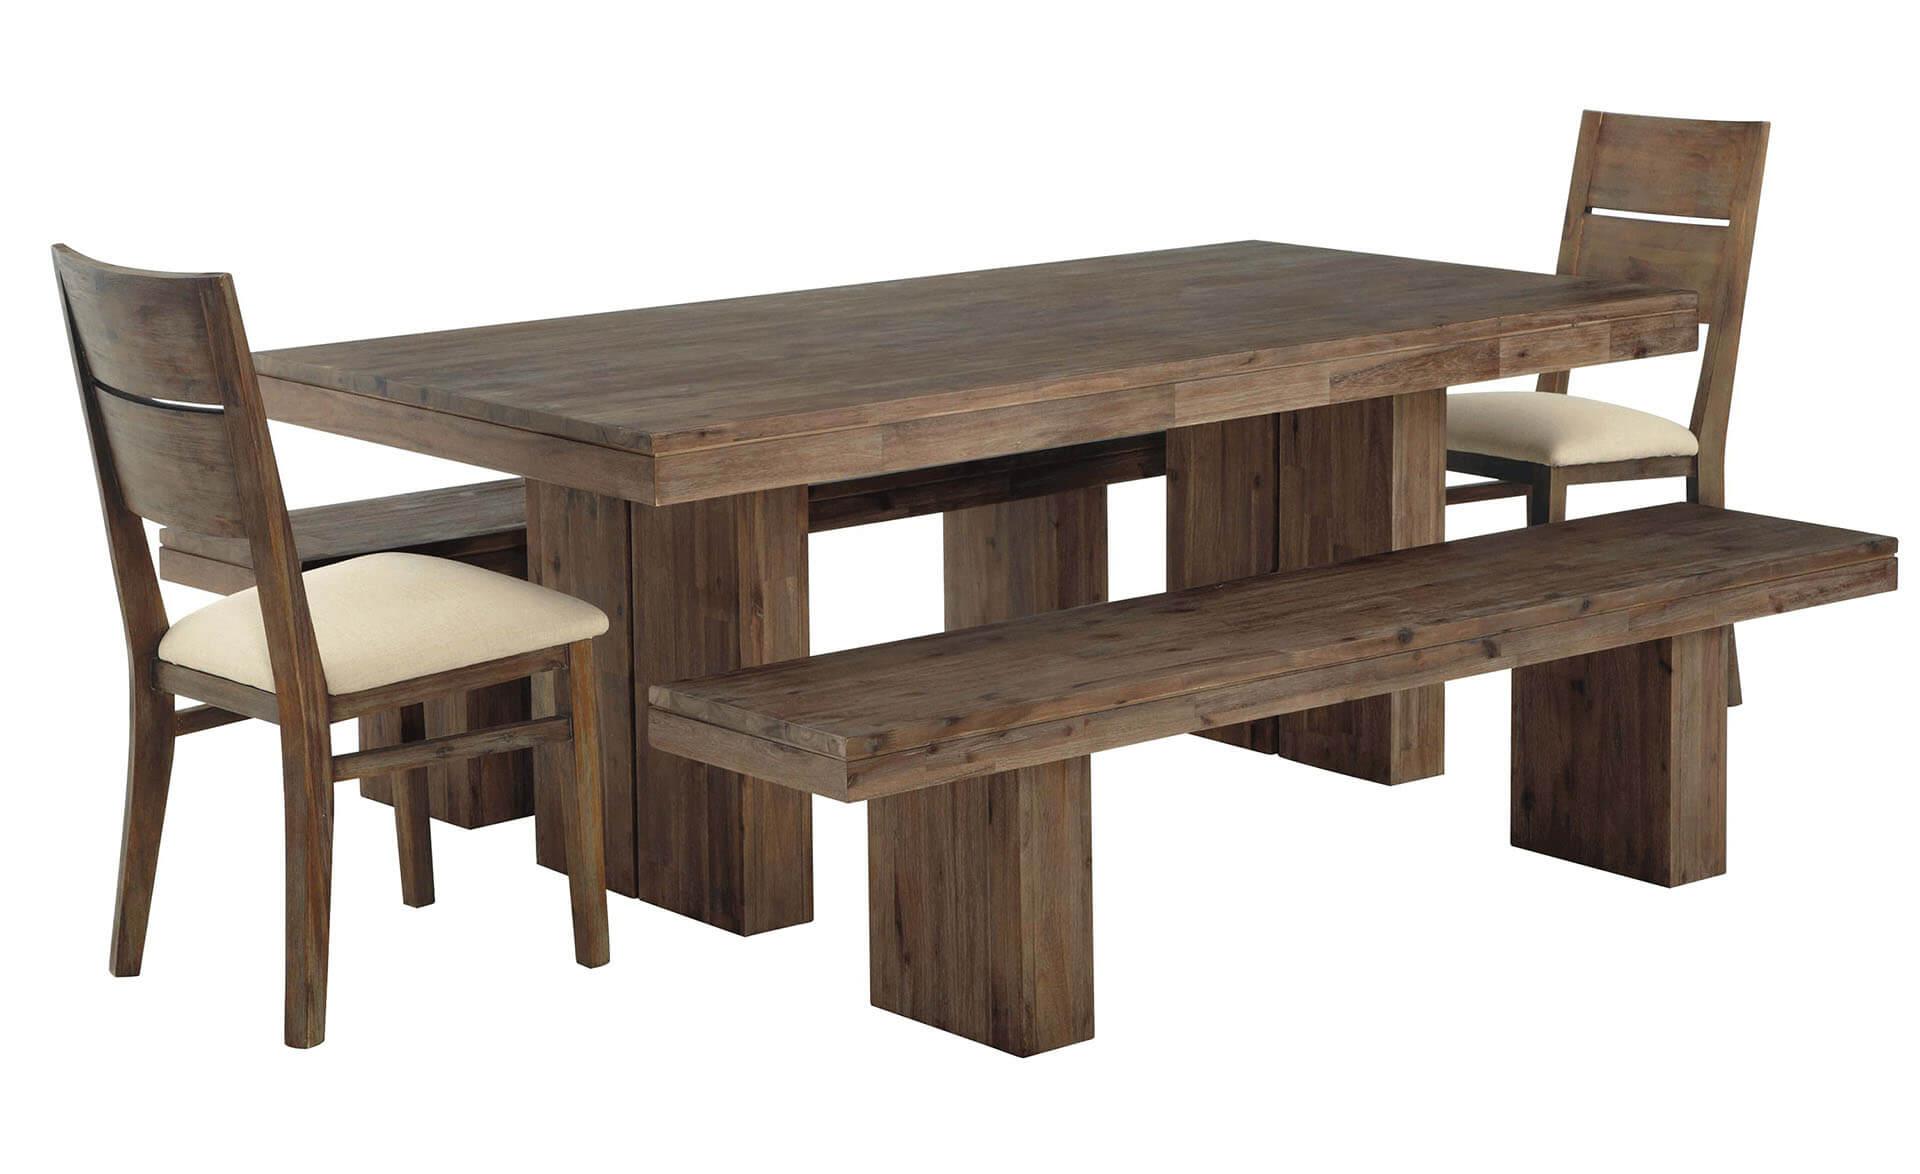 stolovi i stolice od punog drveta